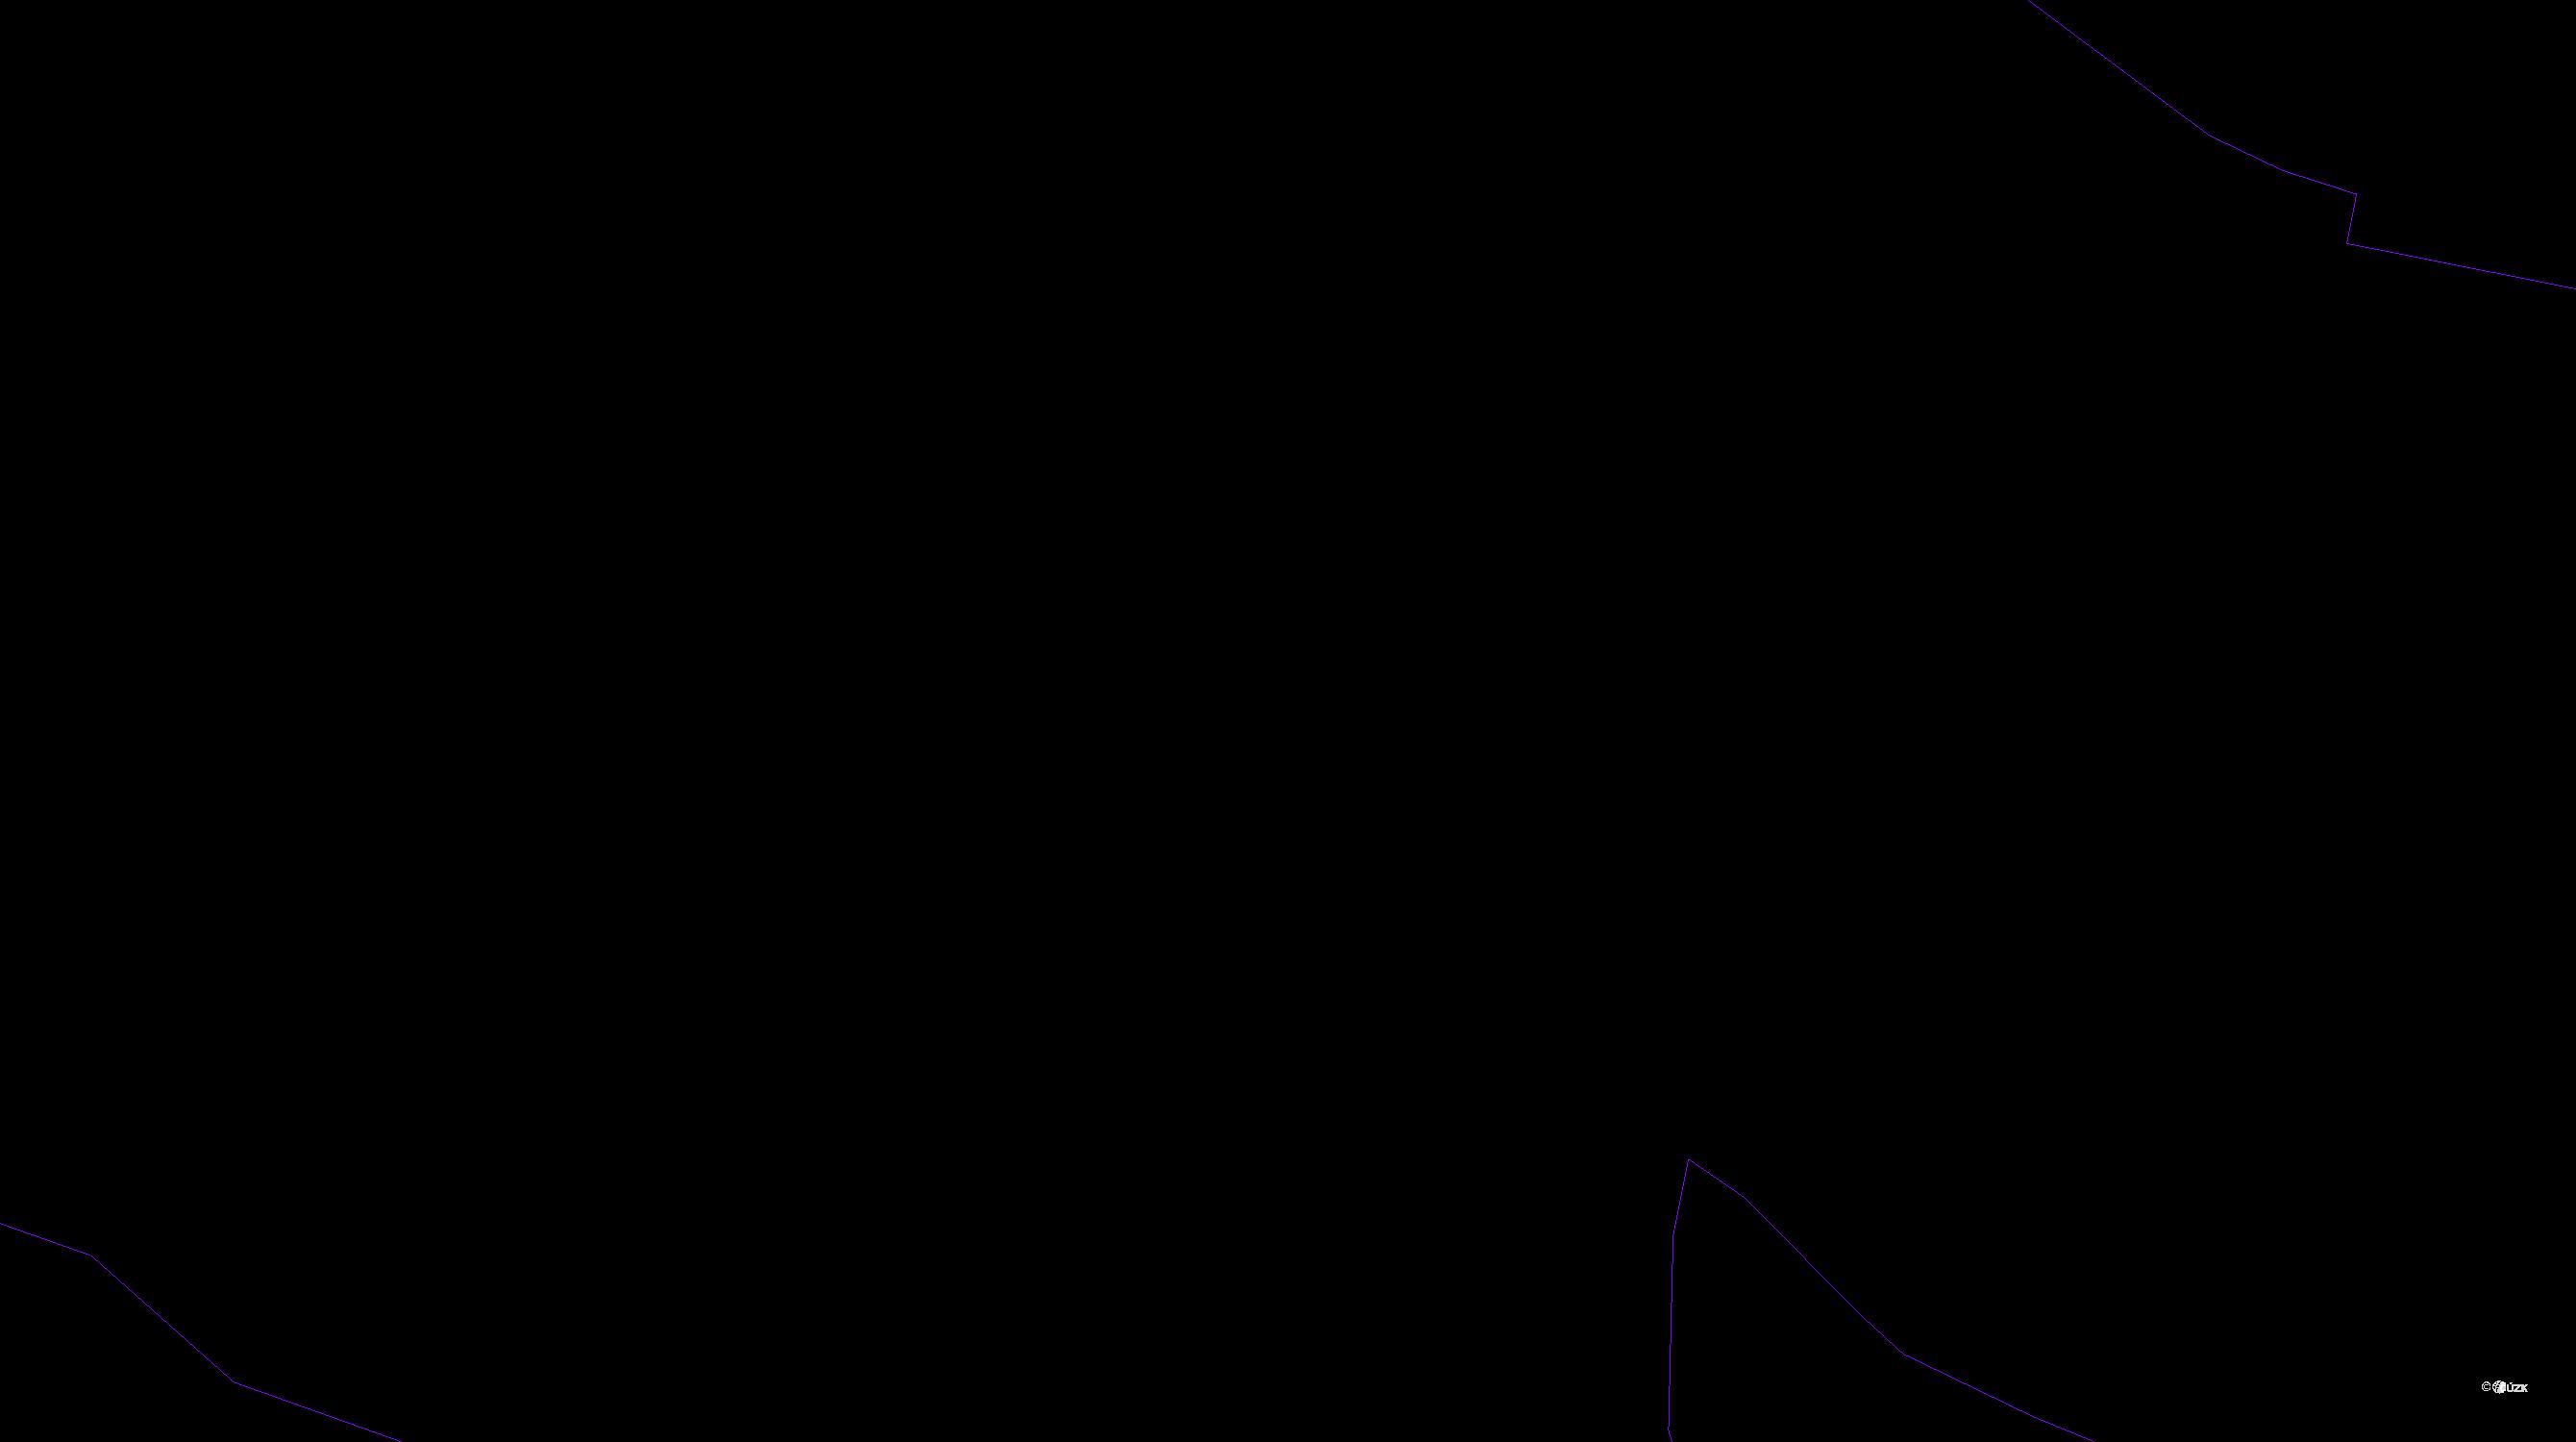 Katastrální mapa pozemků a čísla parcel Chramiště